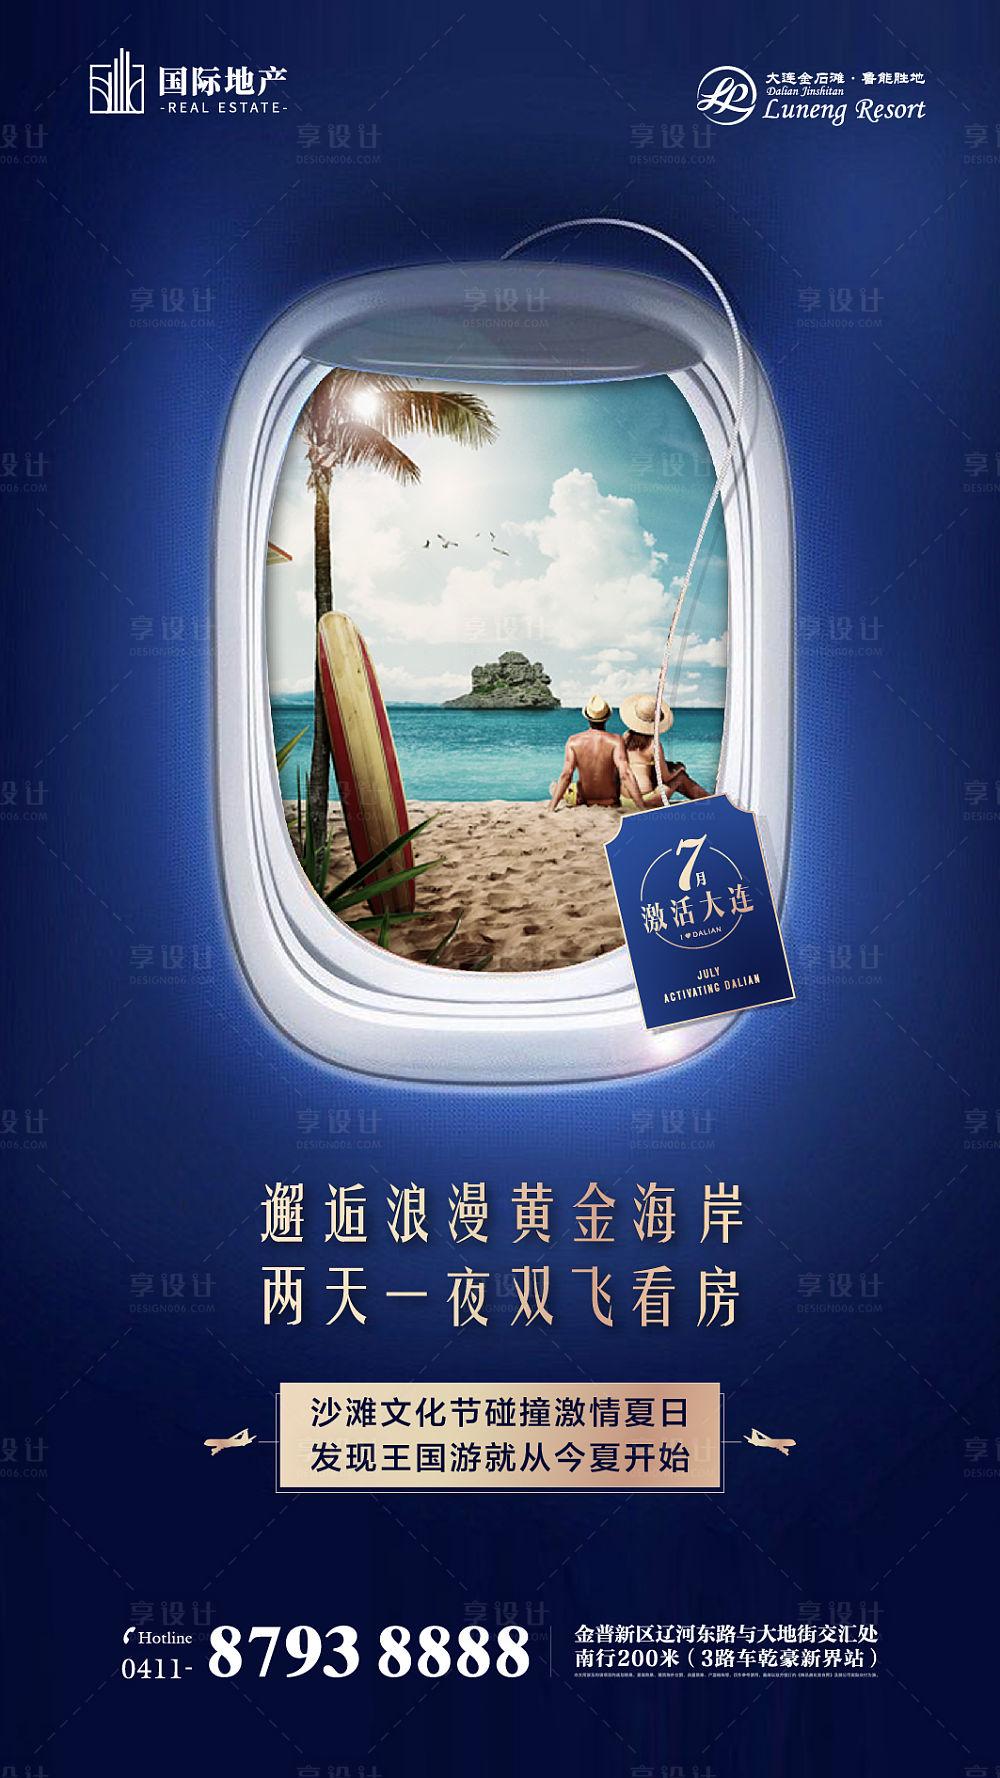 【源文件下载】 海报 房地产 黄金周 沙滩节 飞行 旅游 度假 蓝金 创意 设计作品 设计图集